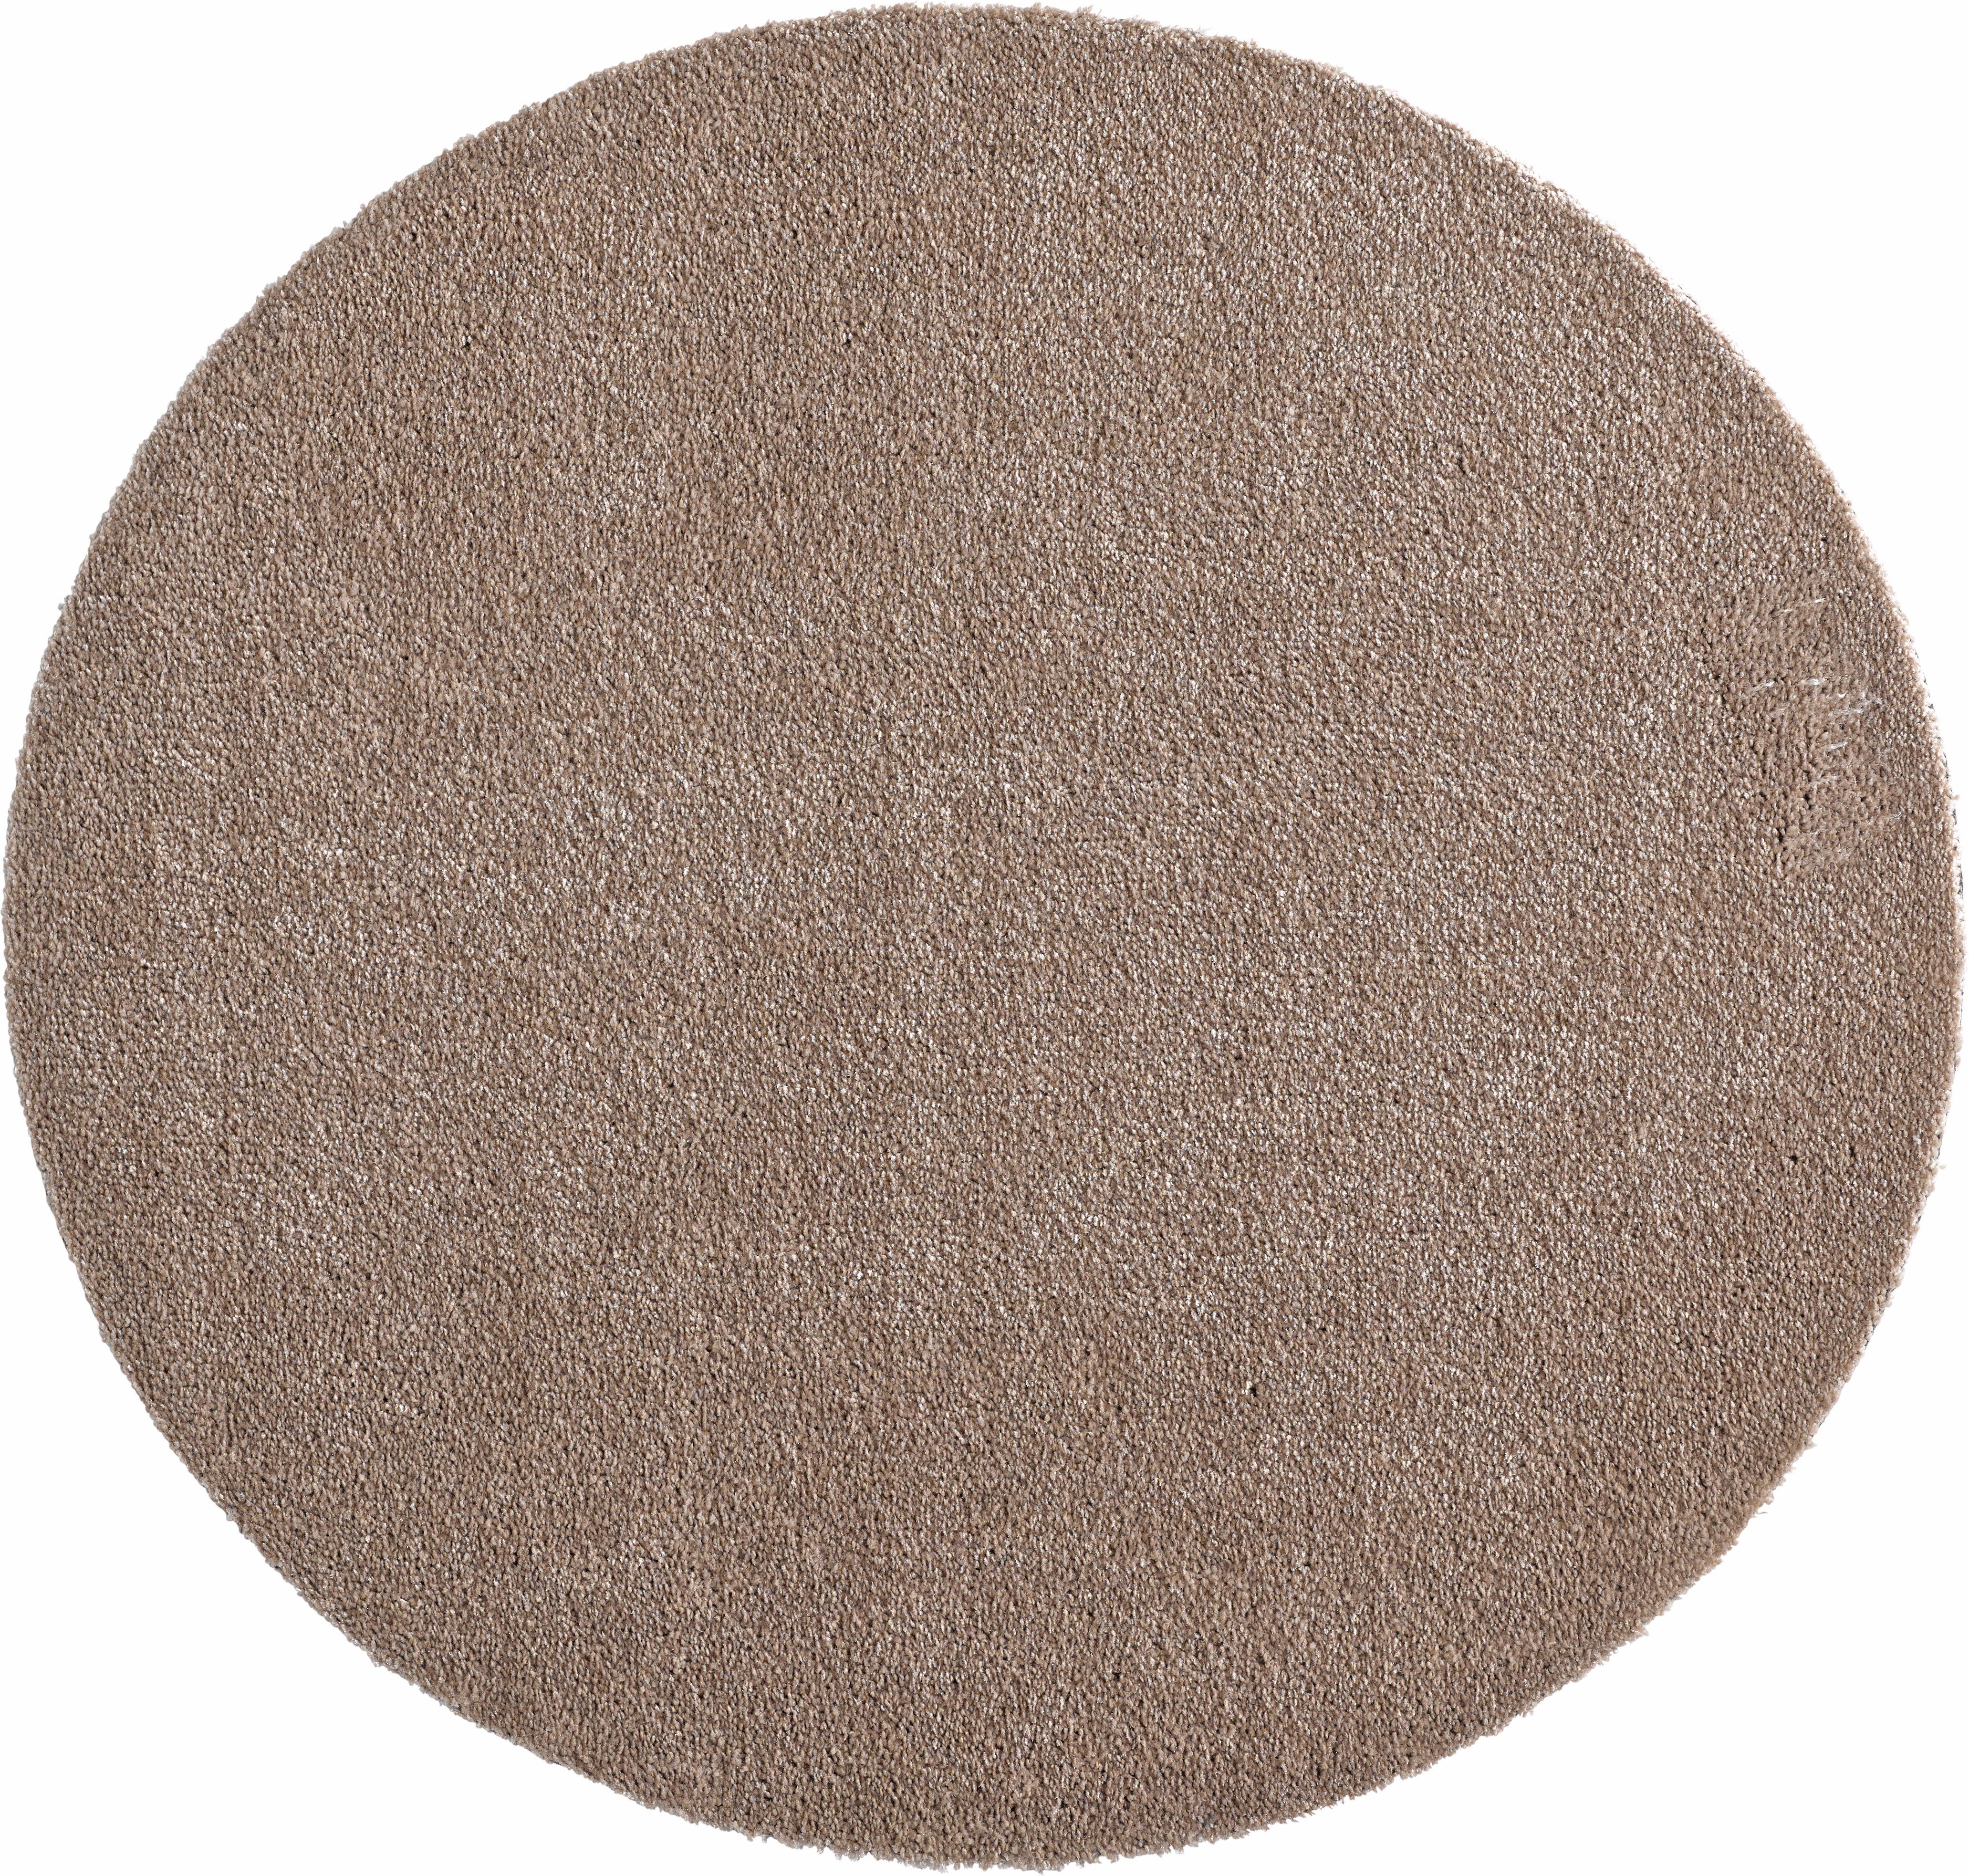 Teppich Deko Soft HANSE Home rund Höhe 7 mm maschinell getuftet